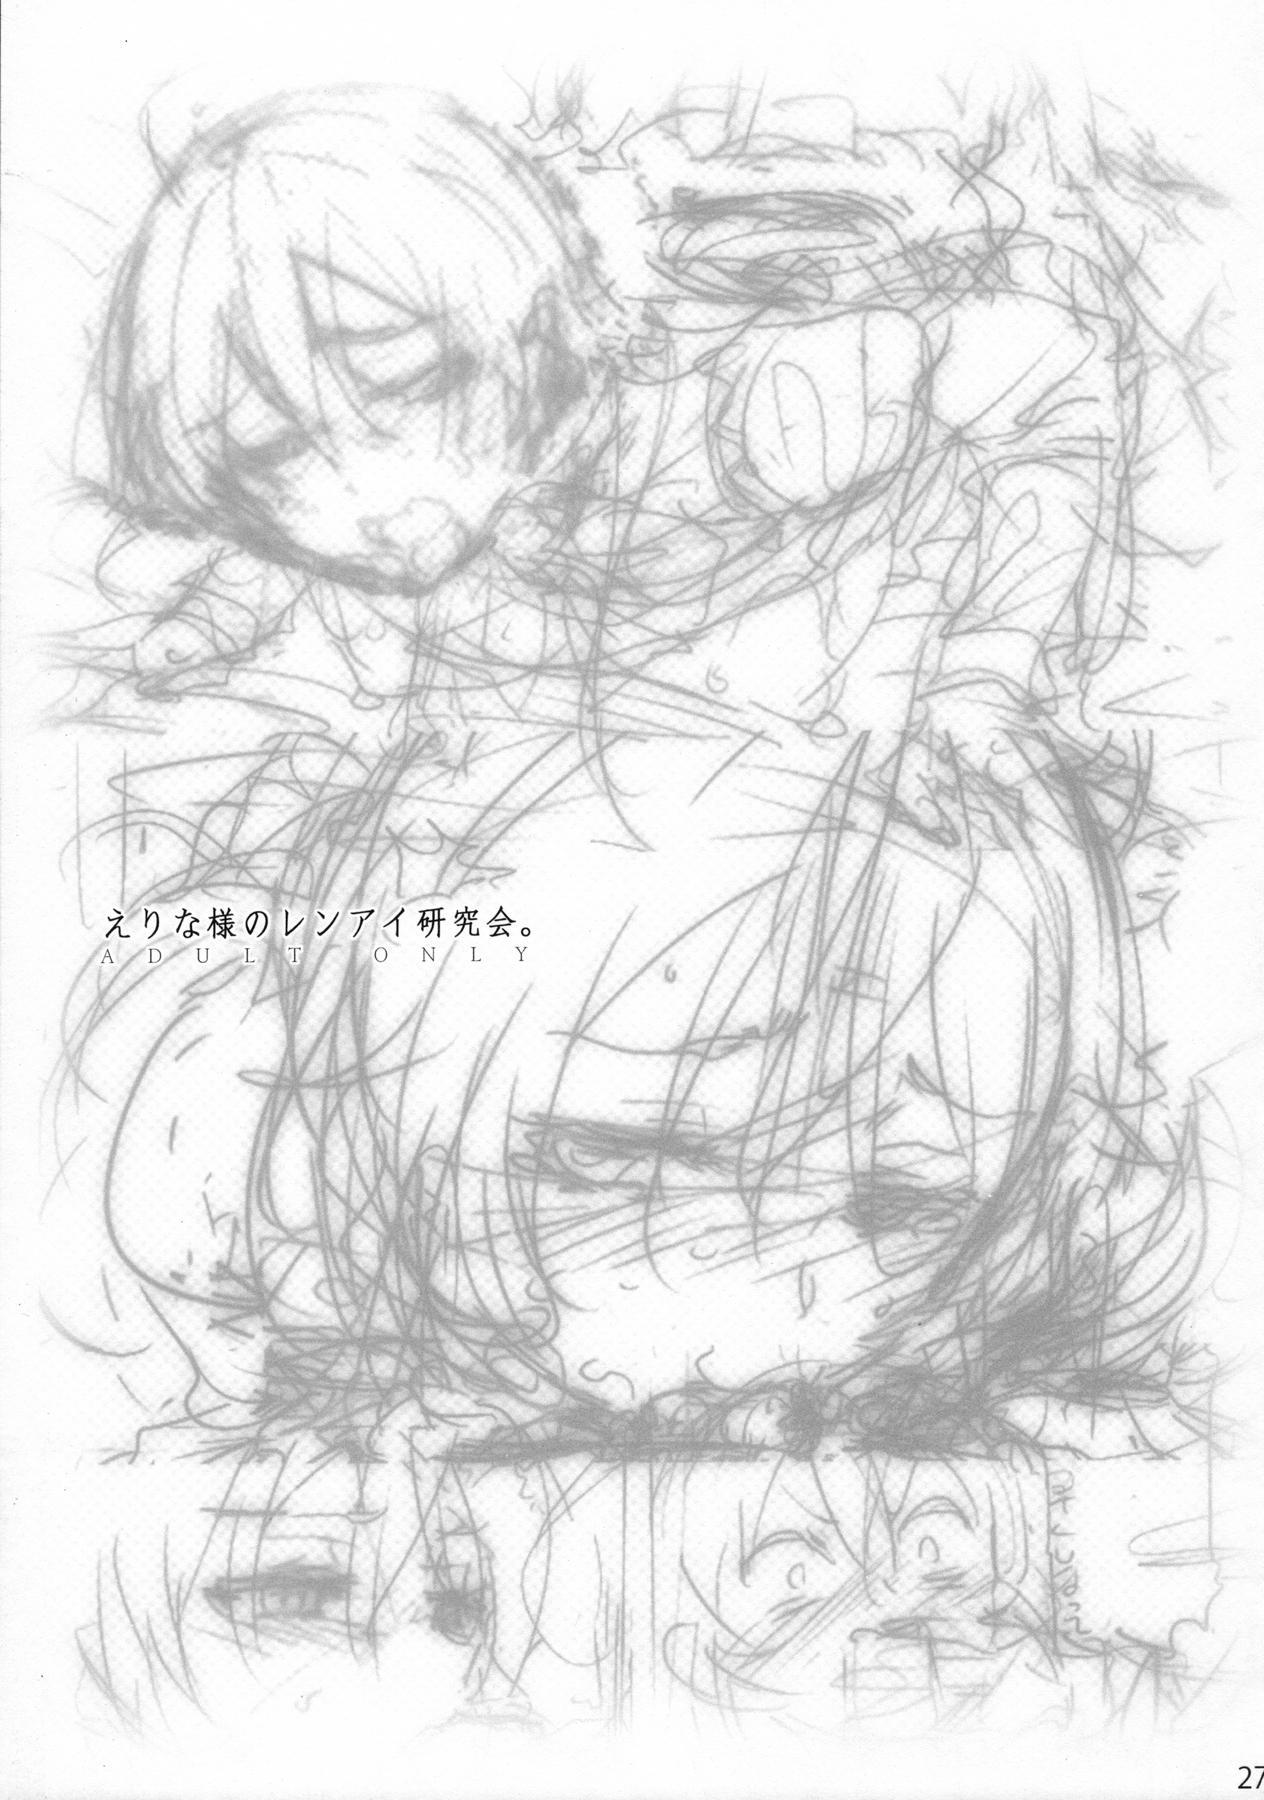 (C90) [Neko wa Manma ga Utsukushii (Hisasi)] Erina-sama no Renai Kenkyuukai. | Erina-sama's Love Laboratory. (Shokugeki no Soma) [English] [Royal_TL] 26